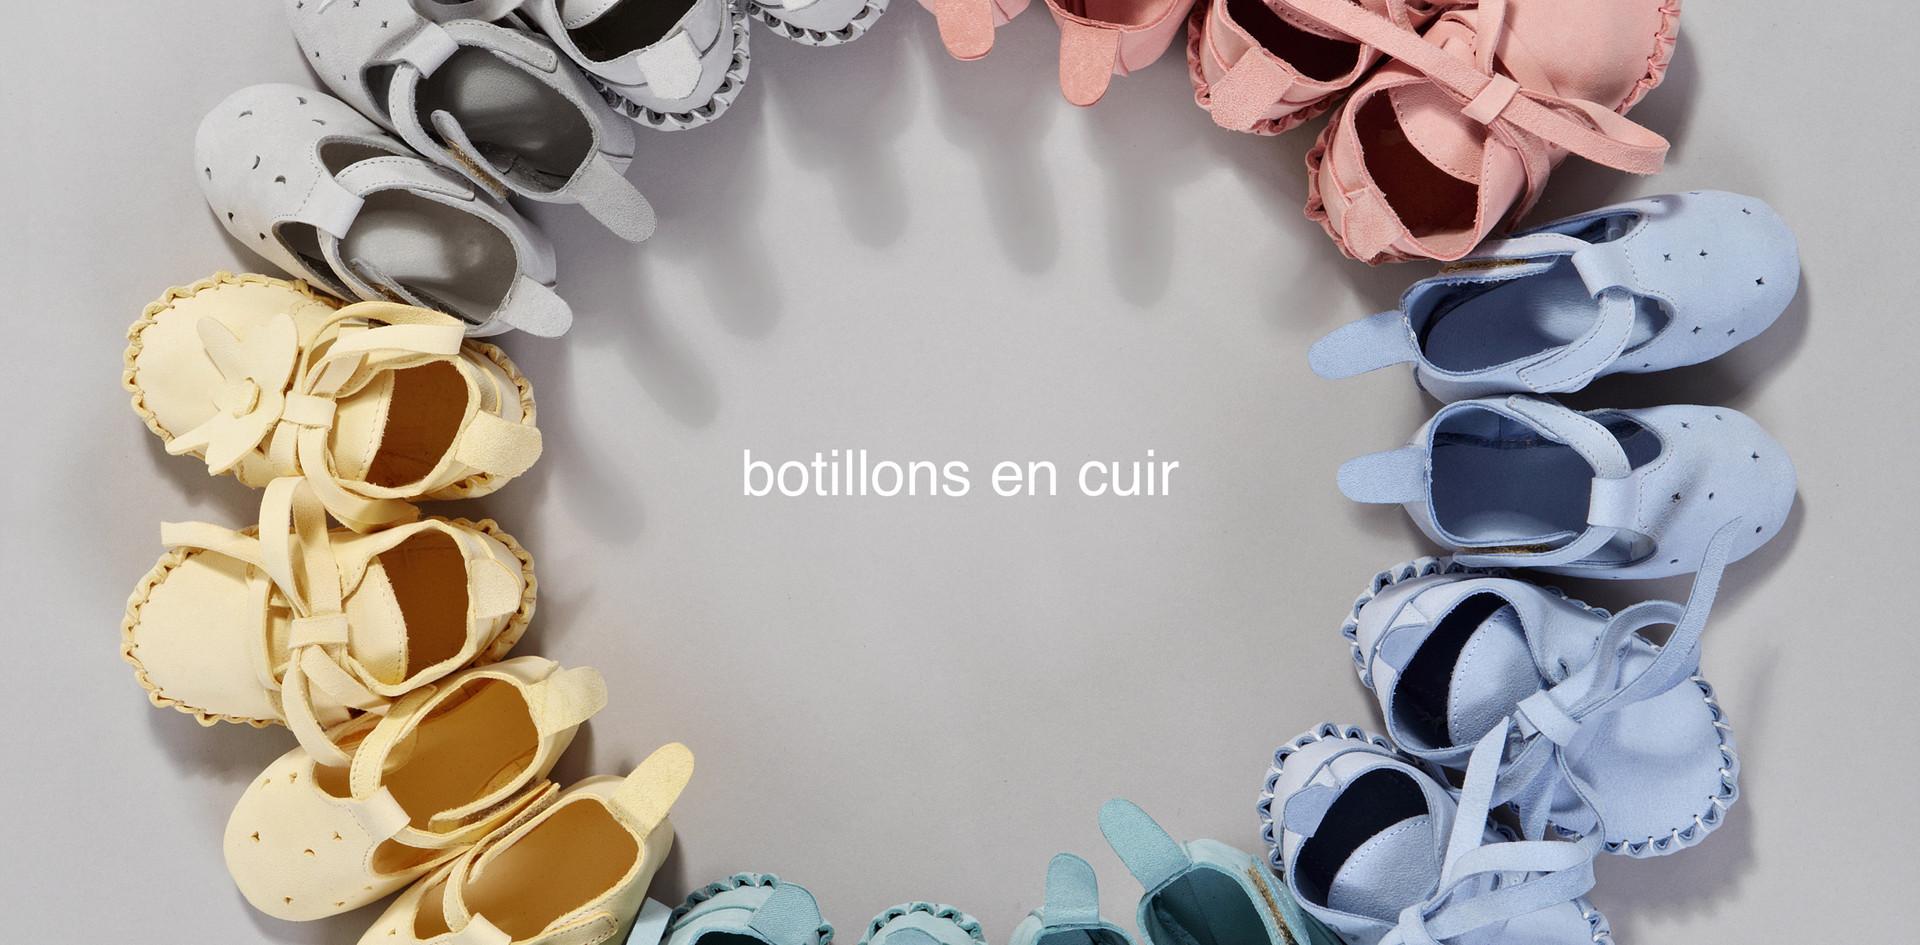 botillons